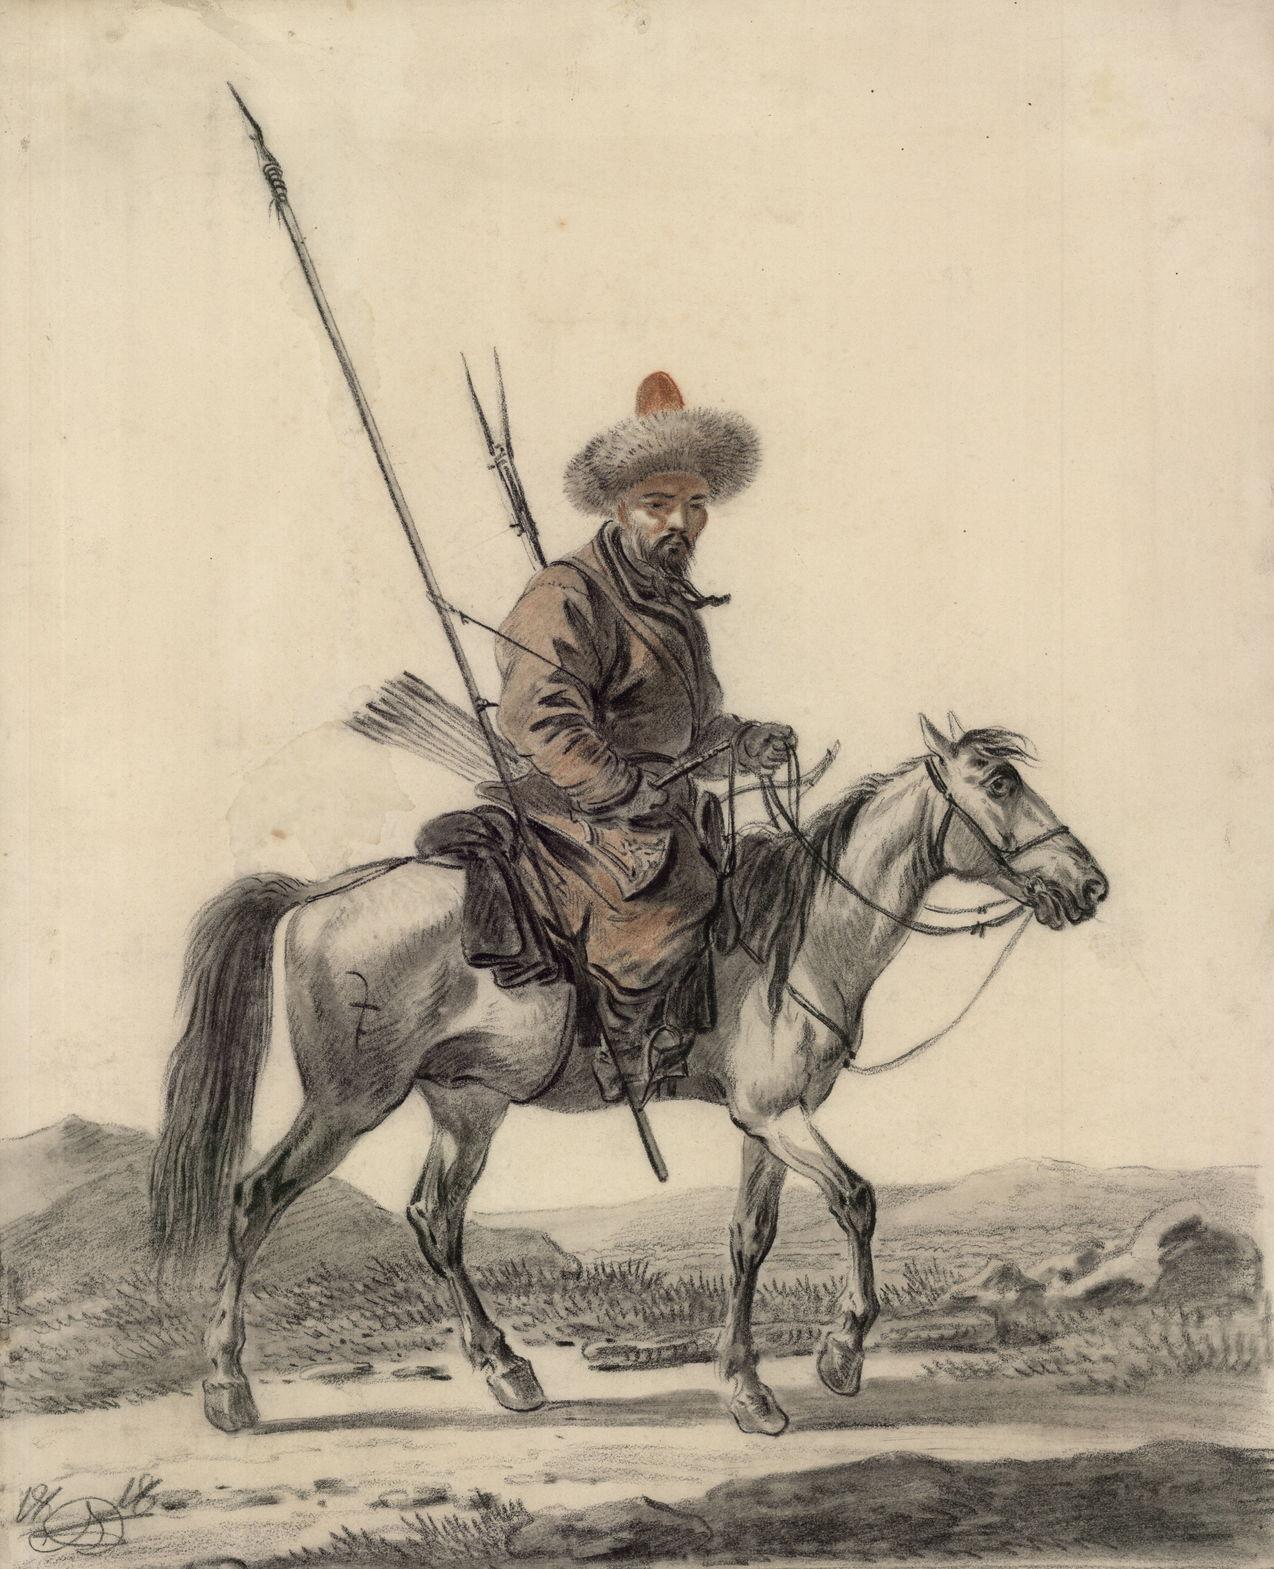 Орловский А.И. Башкир верхом. 1818 г. Бумага на картоне, итальянский карандаш, сангина